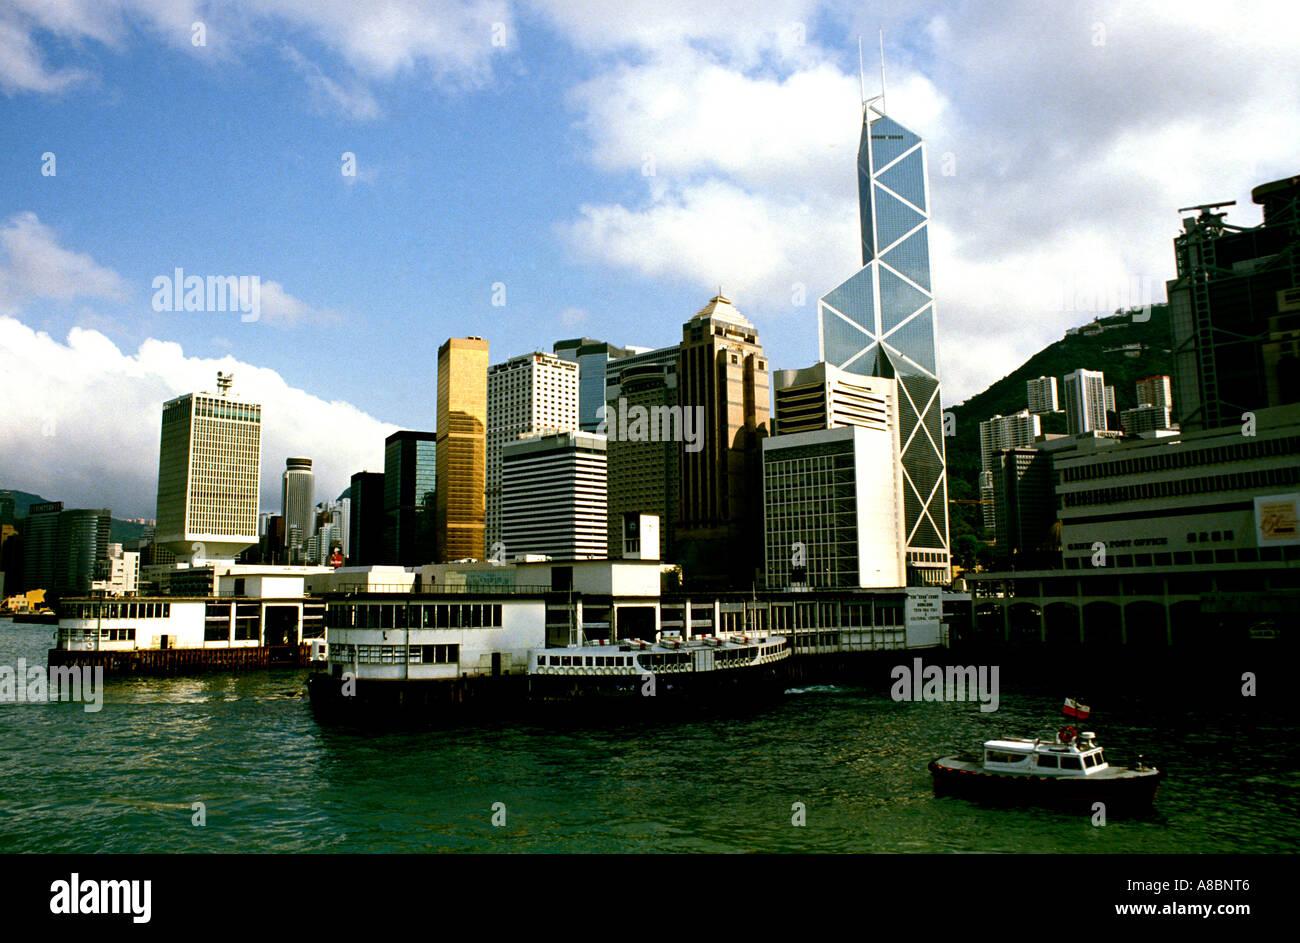 Hong Kong Harbor - Stock Image